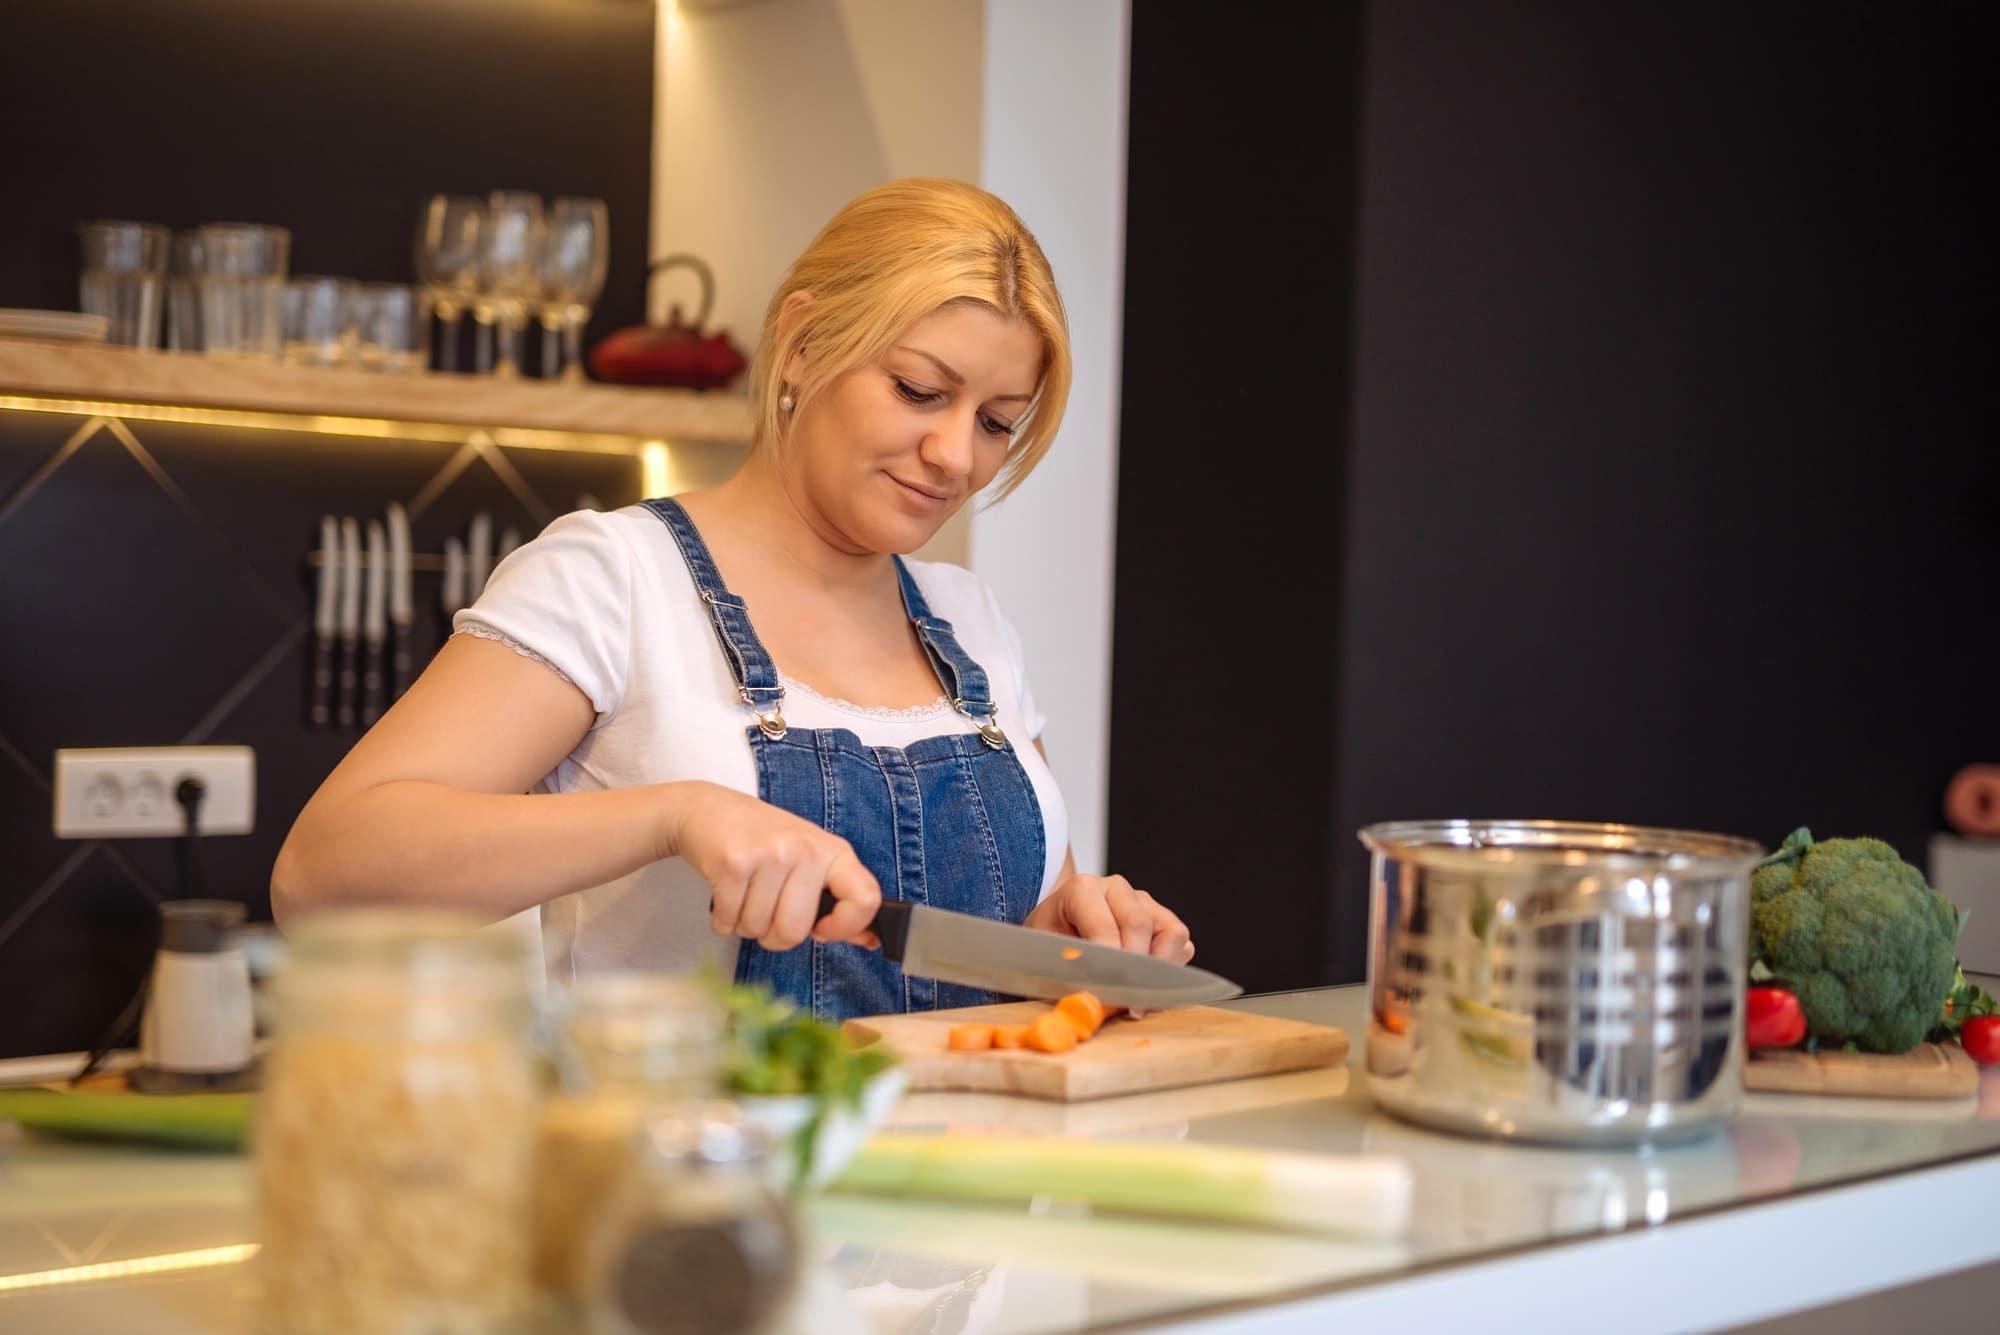 femme coupe une carotte et cuisine un repas sain et équilibré